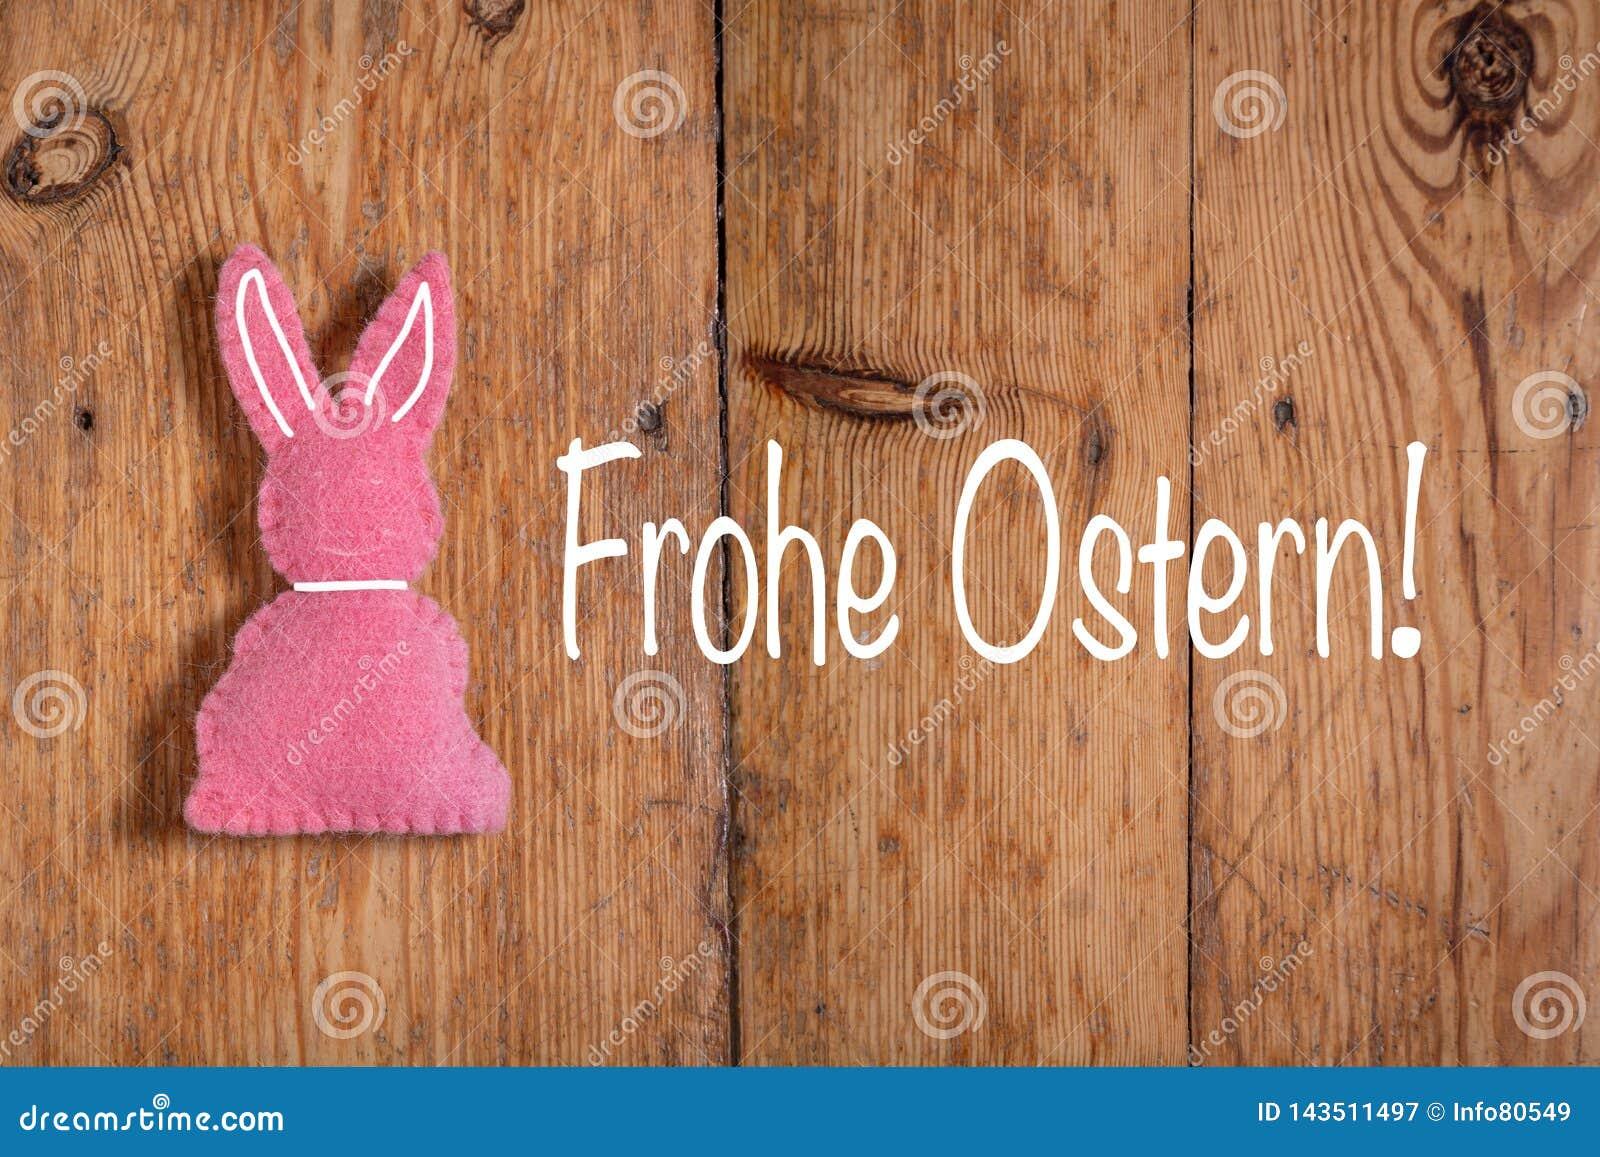 """Ρόδινο λαγουδάκι Πάσχας με το κείμενο """"Frohe Ostern """"και ένα ξύλινο υπόβαθρο Μετάφραση: """"Ευτυχές Πάσχα """""""